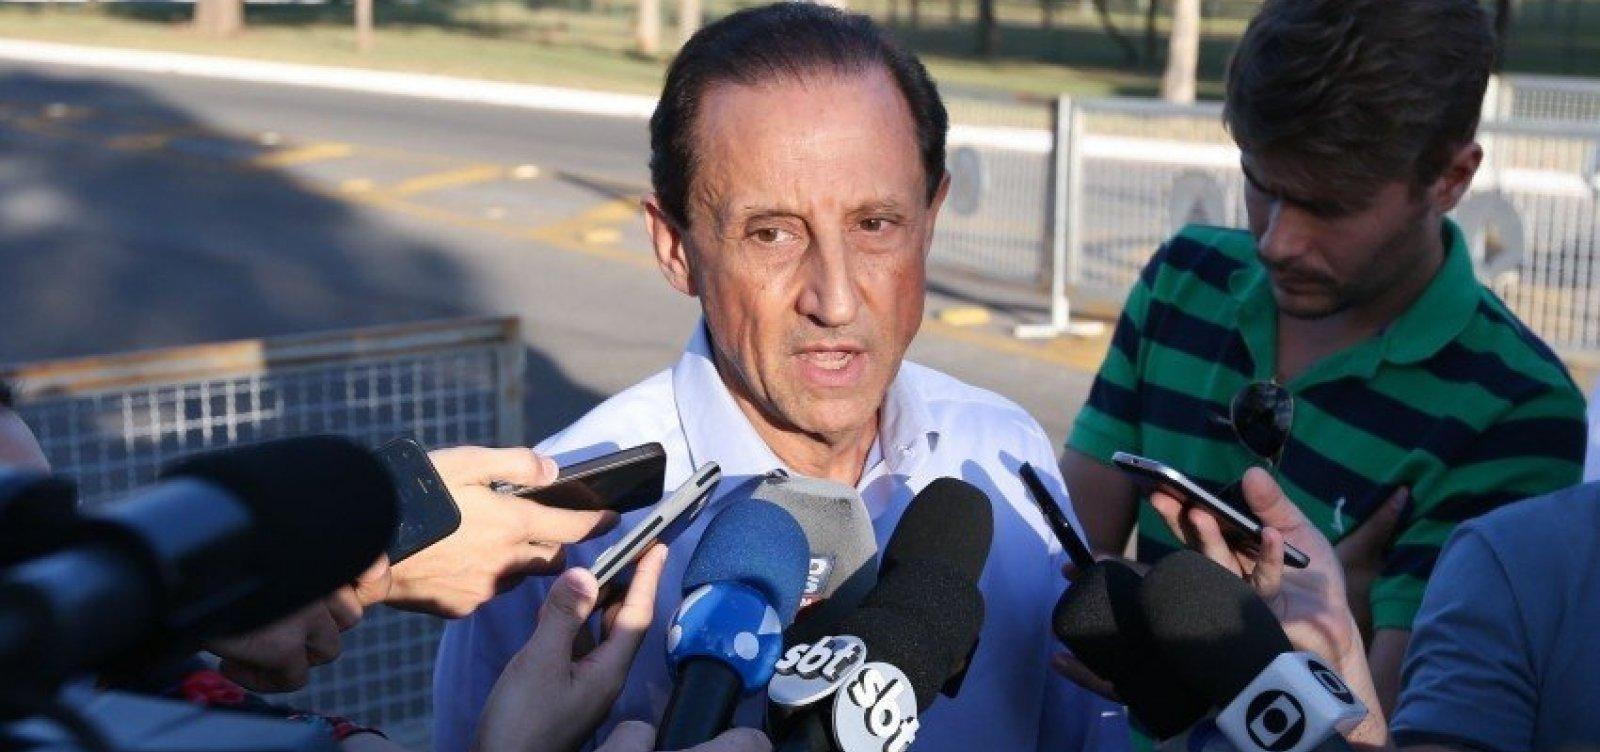 [Após encontro com Bolsonaro, presidente da Fiesp está internado com Covid-19]